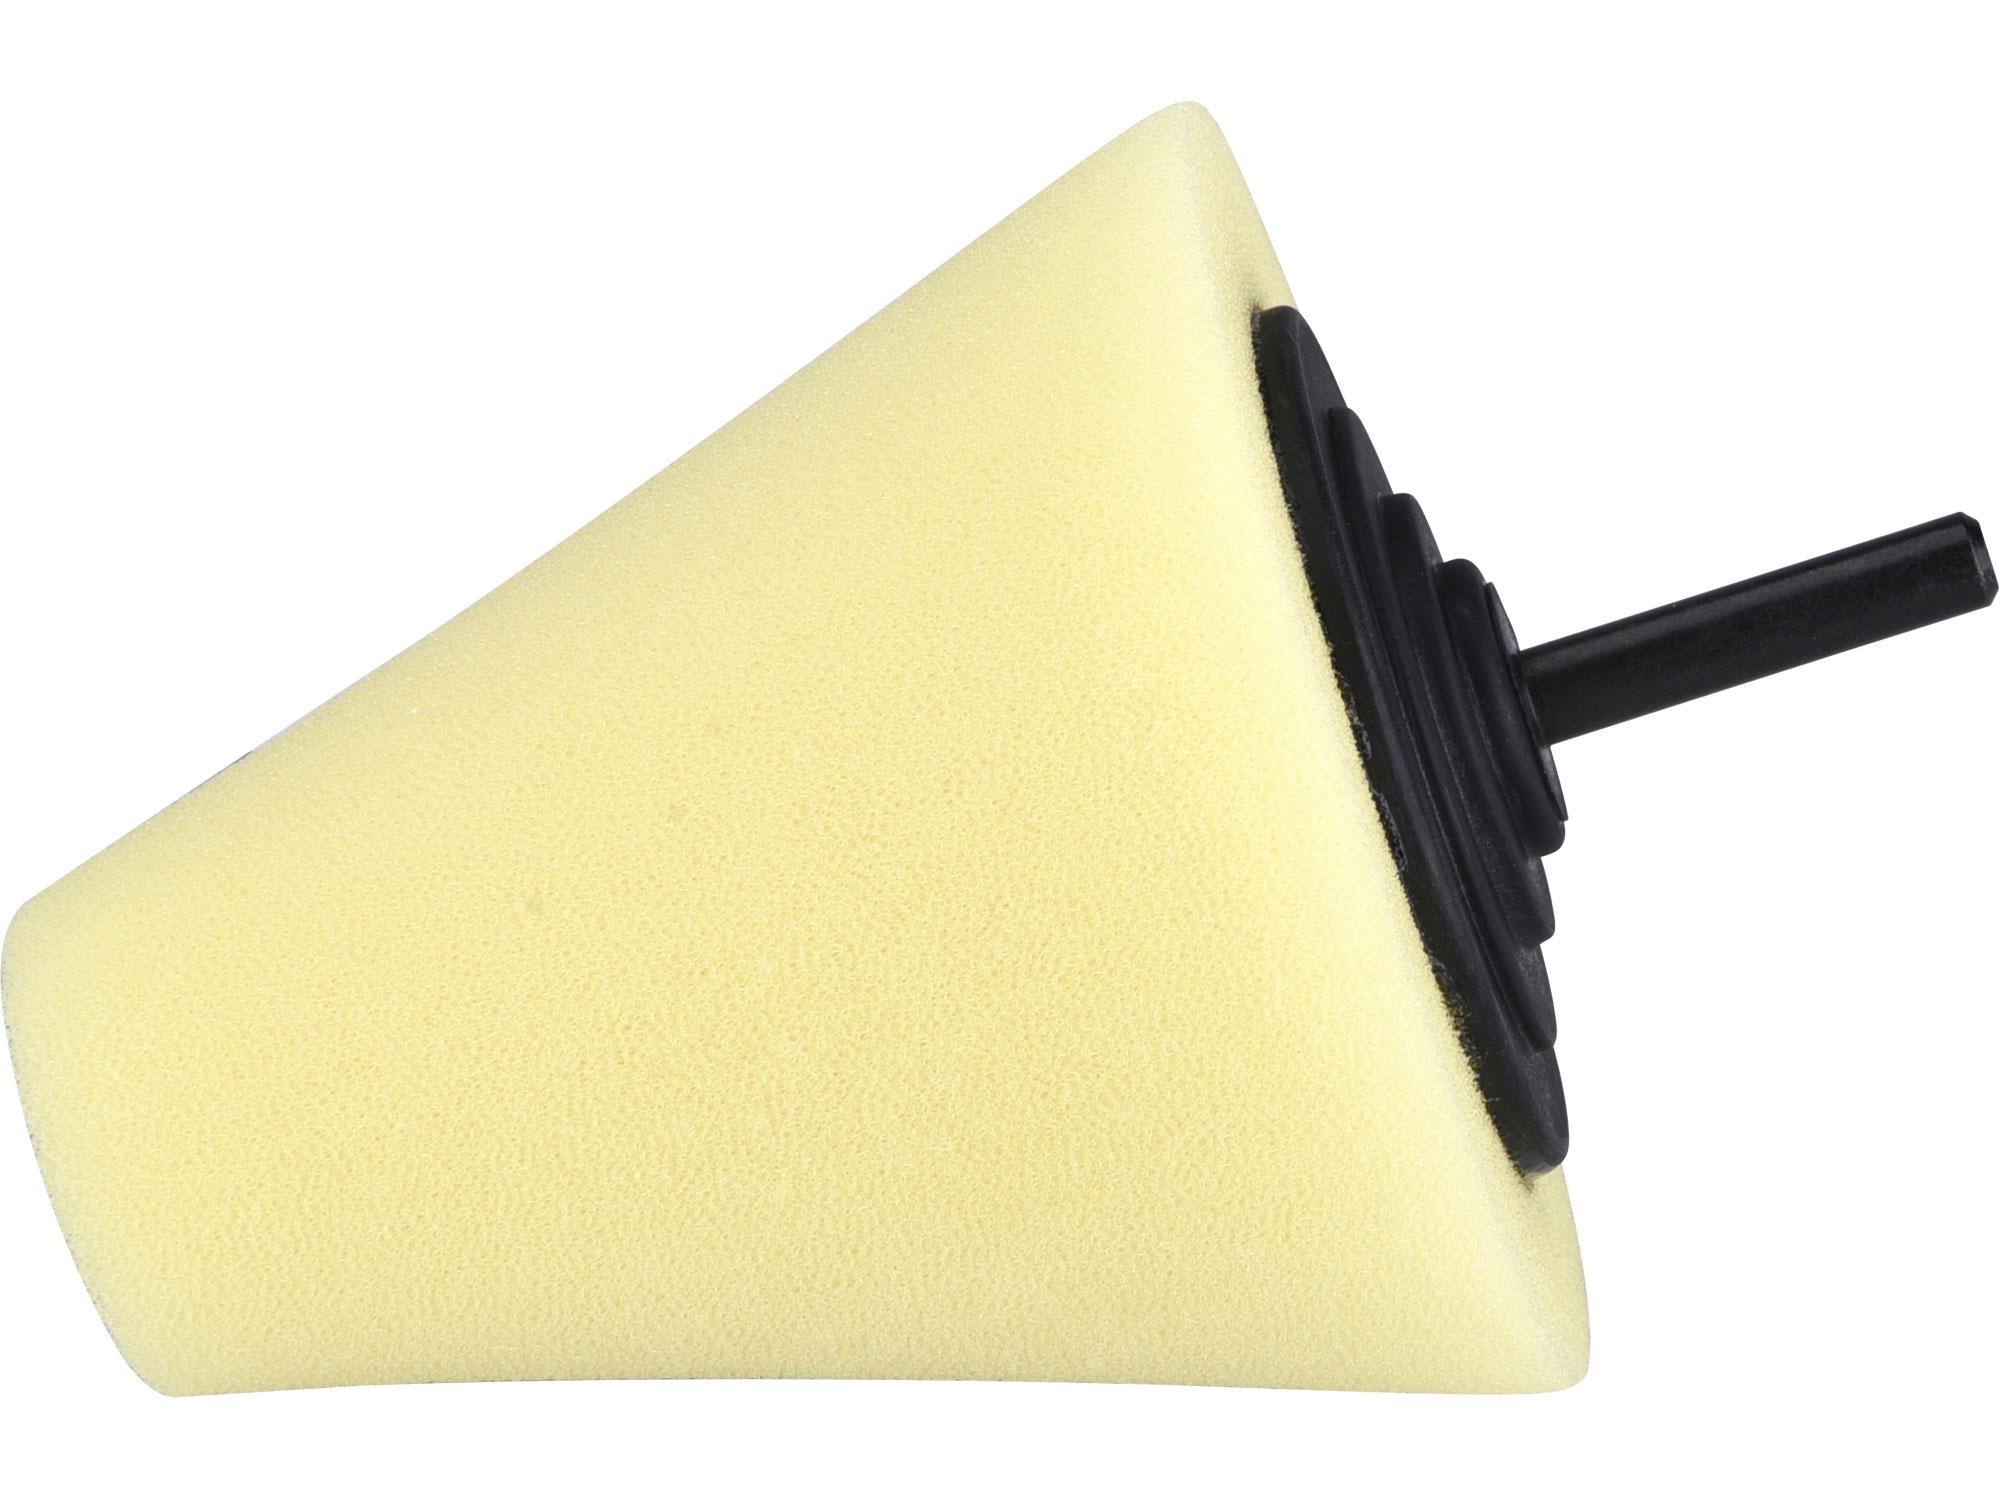 kužel leštící pěnový, T80, žlutý, ⌀80mm, stopka 6mm